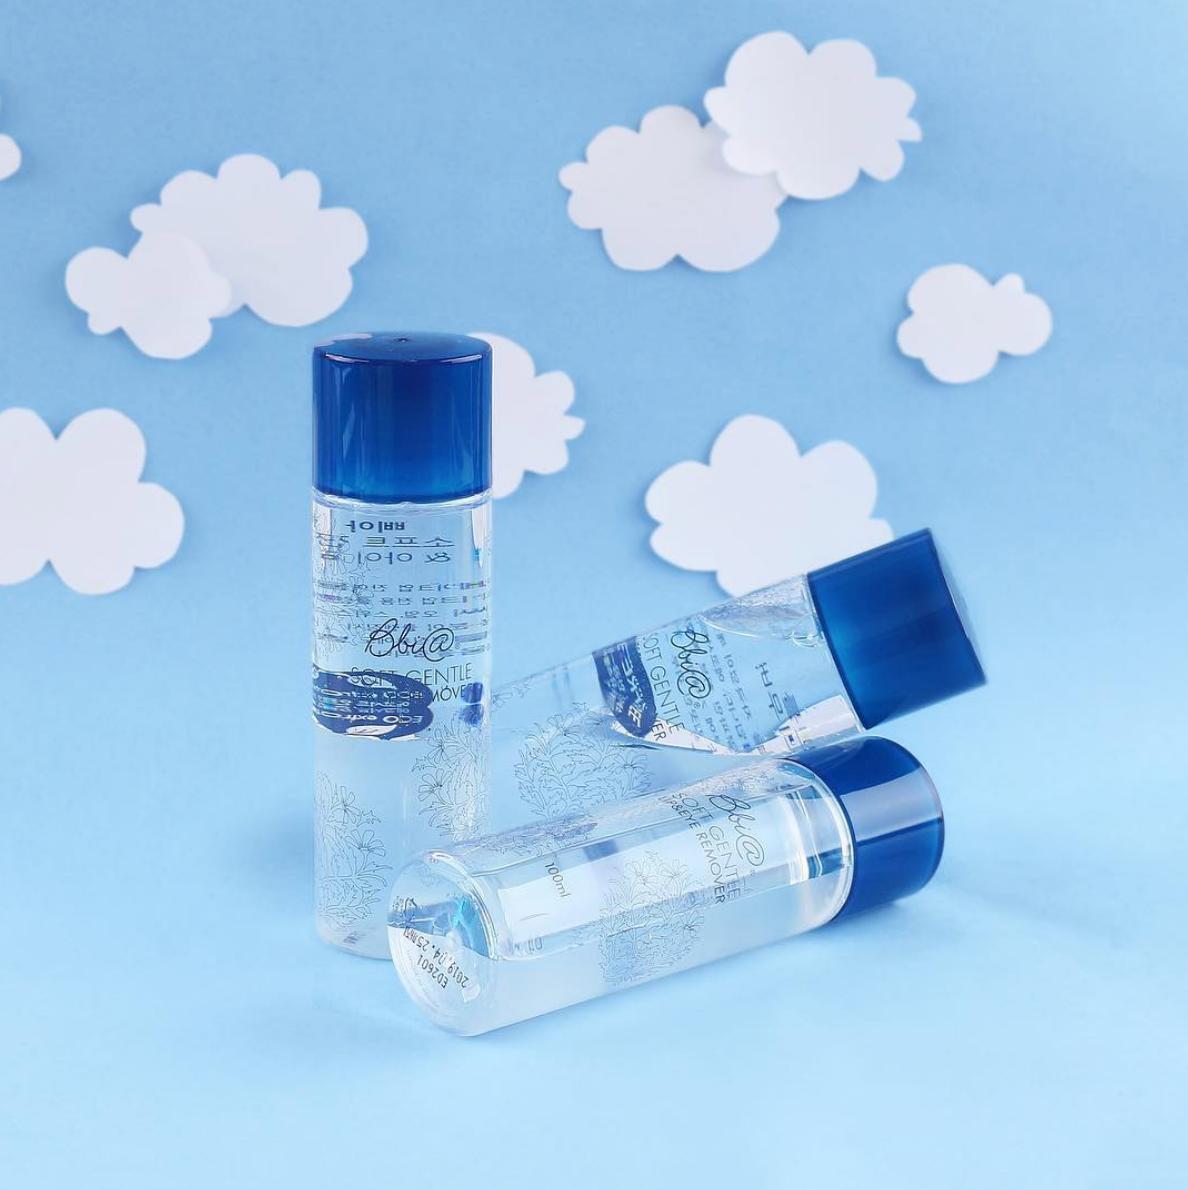 Nước Tẩy Trang Dành Cho Mắt Môi Bbia Soft Gentle Lip & Eye Remover 100ml đang bán tại Hasaki